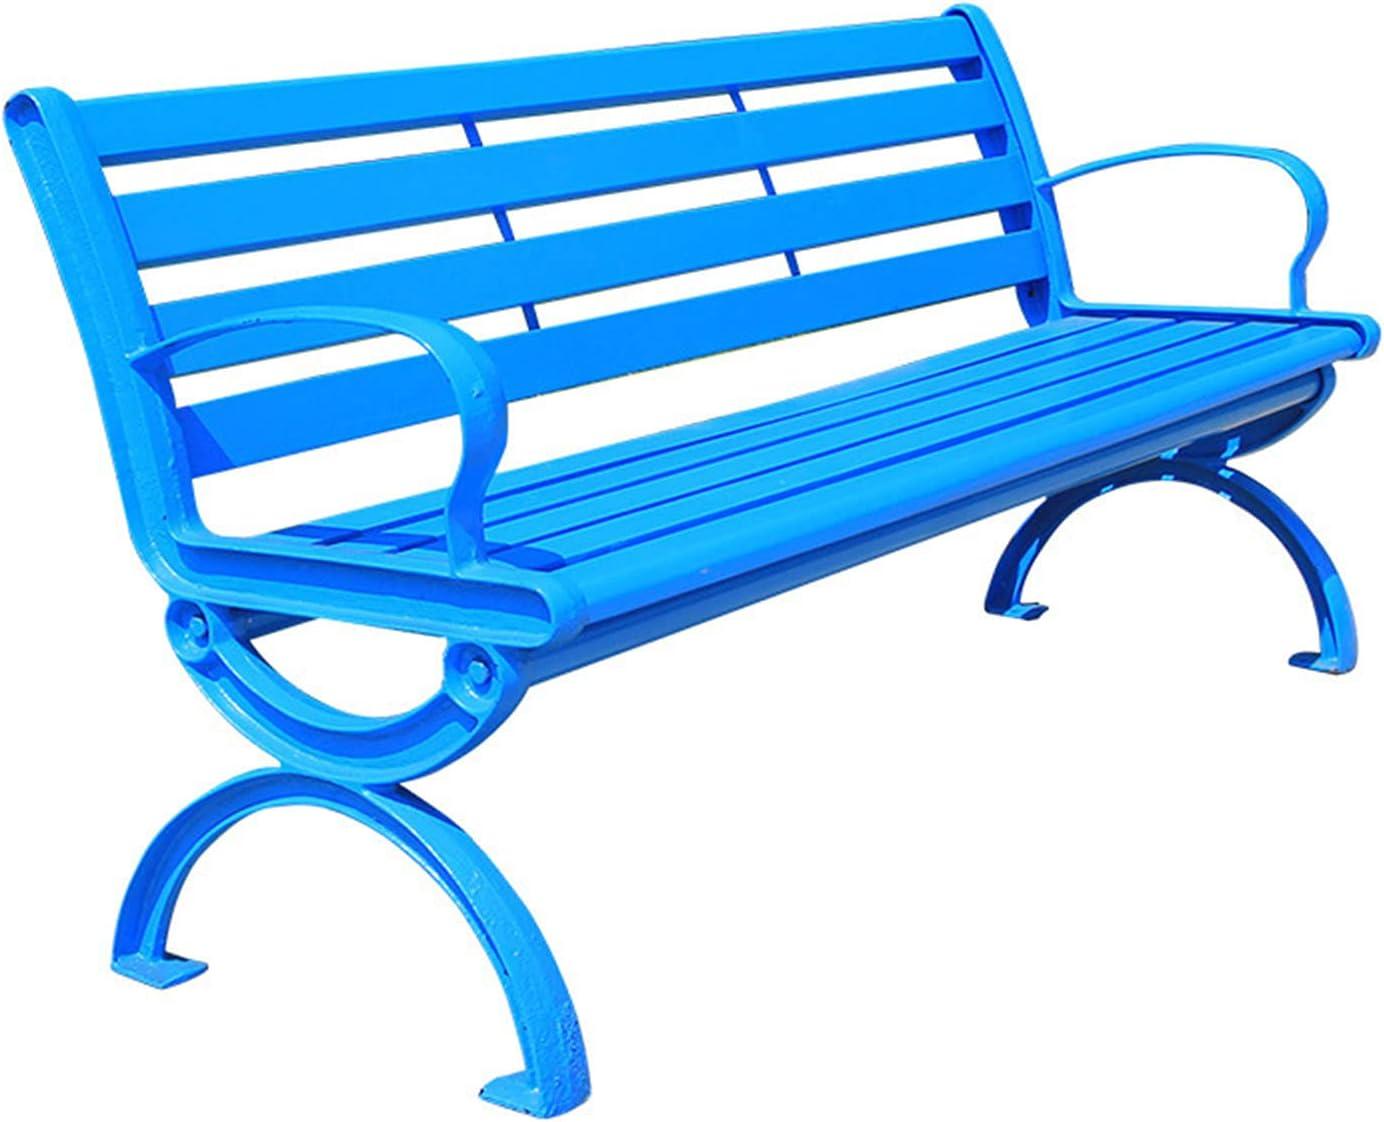 Ocio Al Aire Libre Banco Del Parque Banco,marco De Hierro Fundido De Metal Parque De Madera Maciza Banco Silla Jardín Con Respaldo Y Apoyabrazos,adecuado Para Terraza En El Jardín Porche Césped,azul